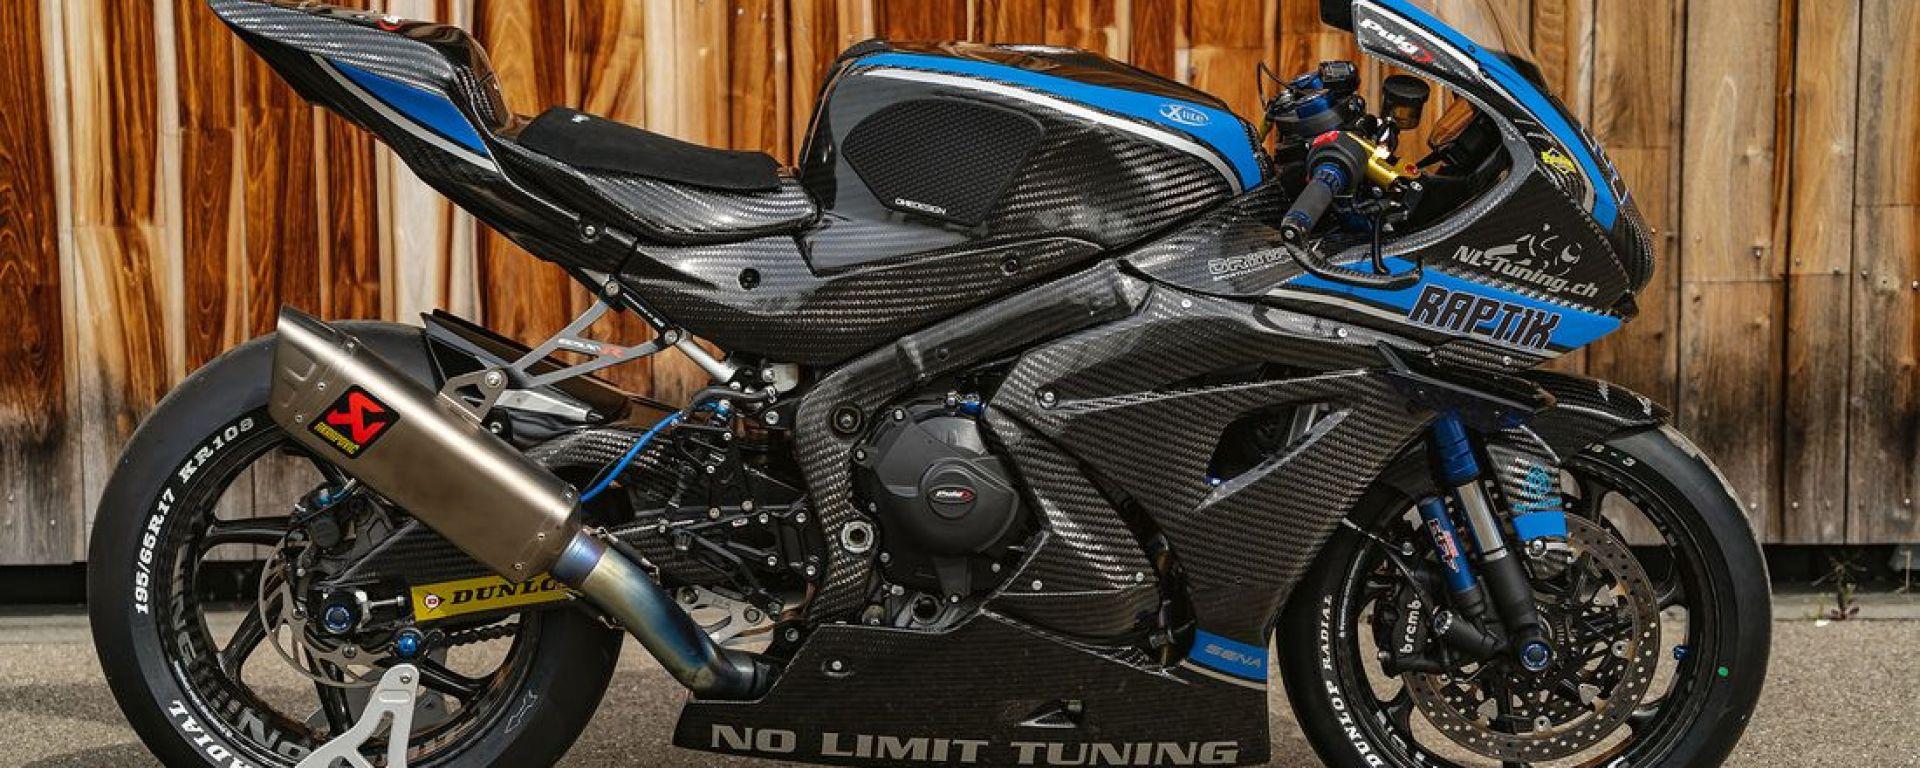 Suzuki GSX-R 1000: questa versione di Raptik sembra una Ryuyo fatta in casa